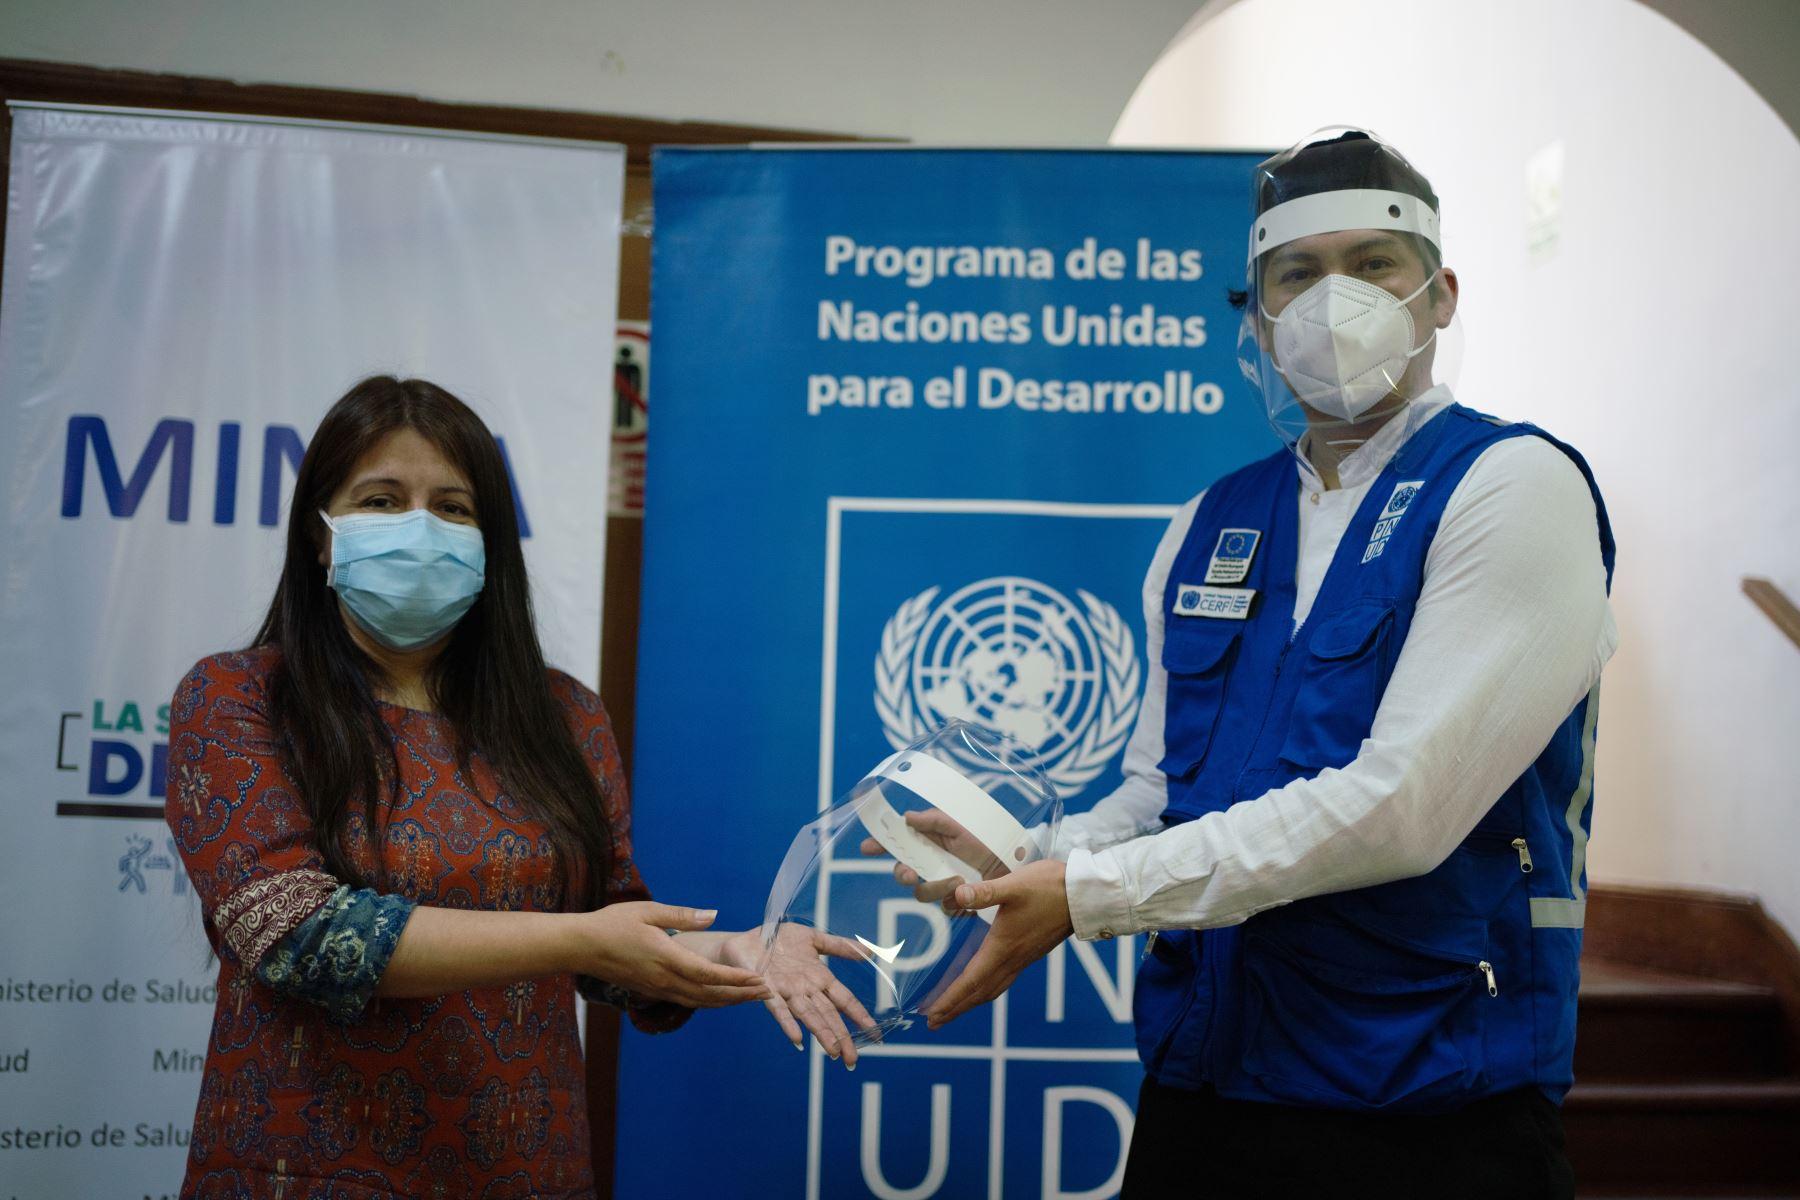 """El Programa de las Naciones Unidas para el Desarrollo, FabLab Perú y diversas instituciones aliadas realizaron la entrega de 11 mil 500 """"Cascos de Vida"""" al Ministerio de Salud destinados a proteger al cuerpo médico en terreno. Foto: PNUD"""